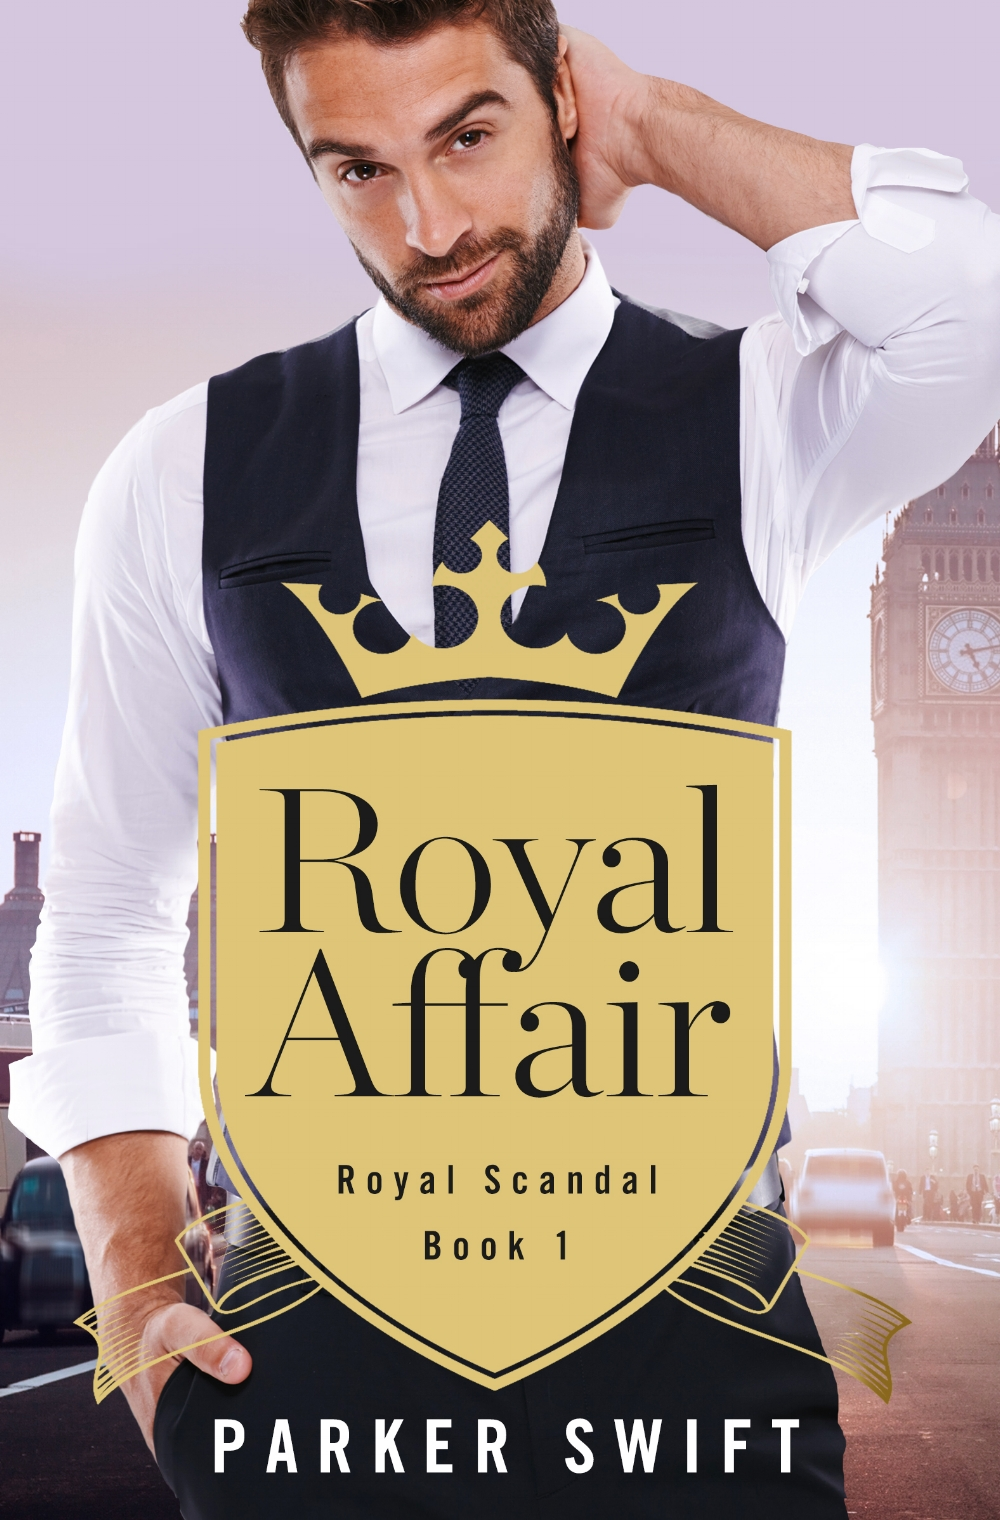 RoyalAffair_RGB300.jpg